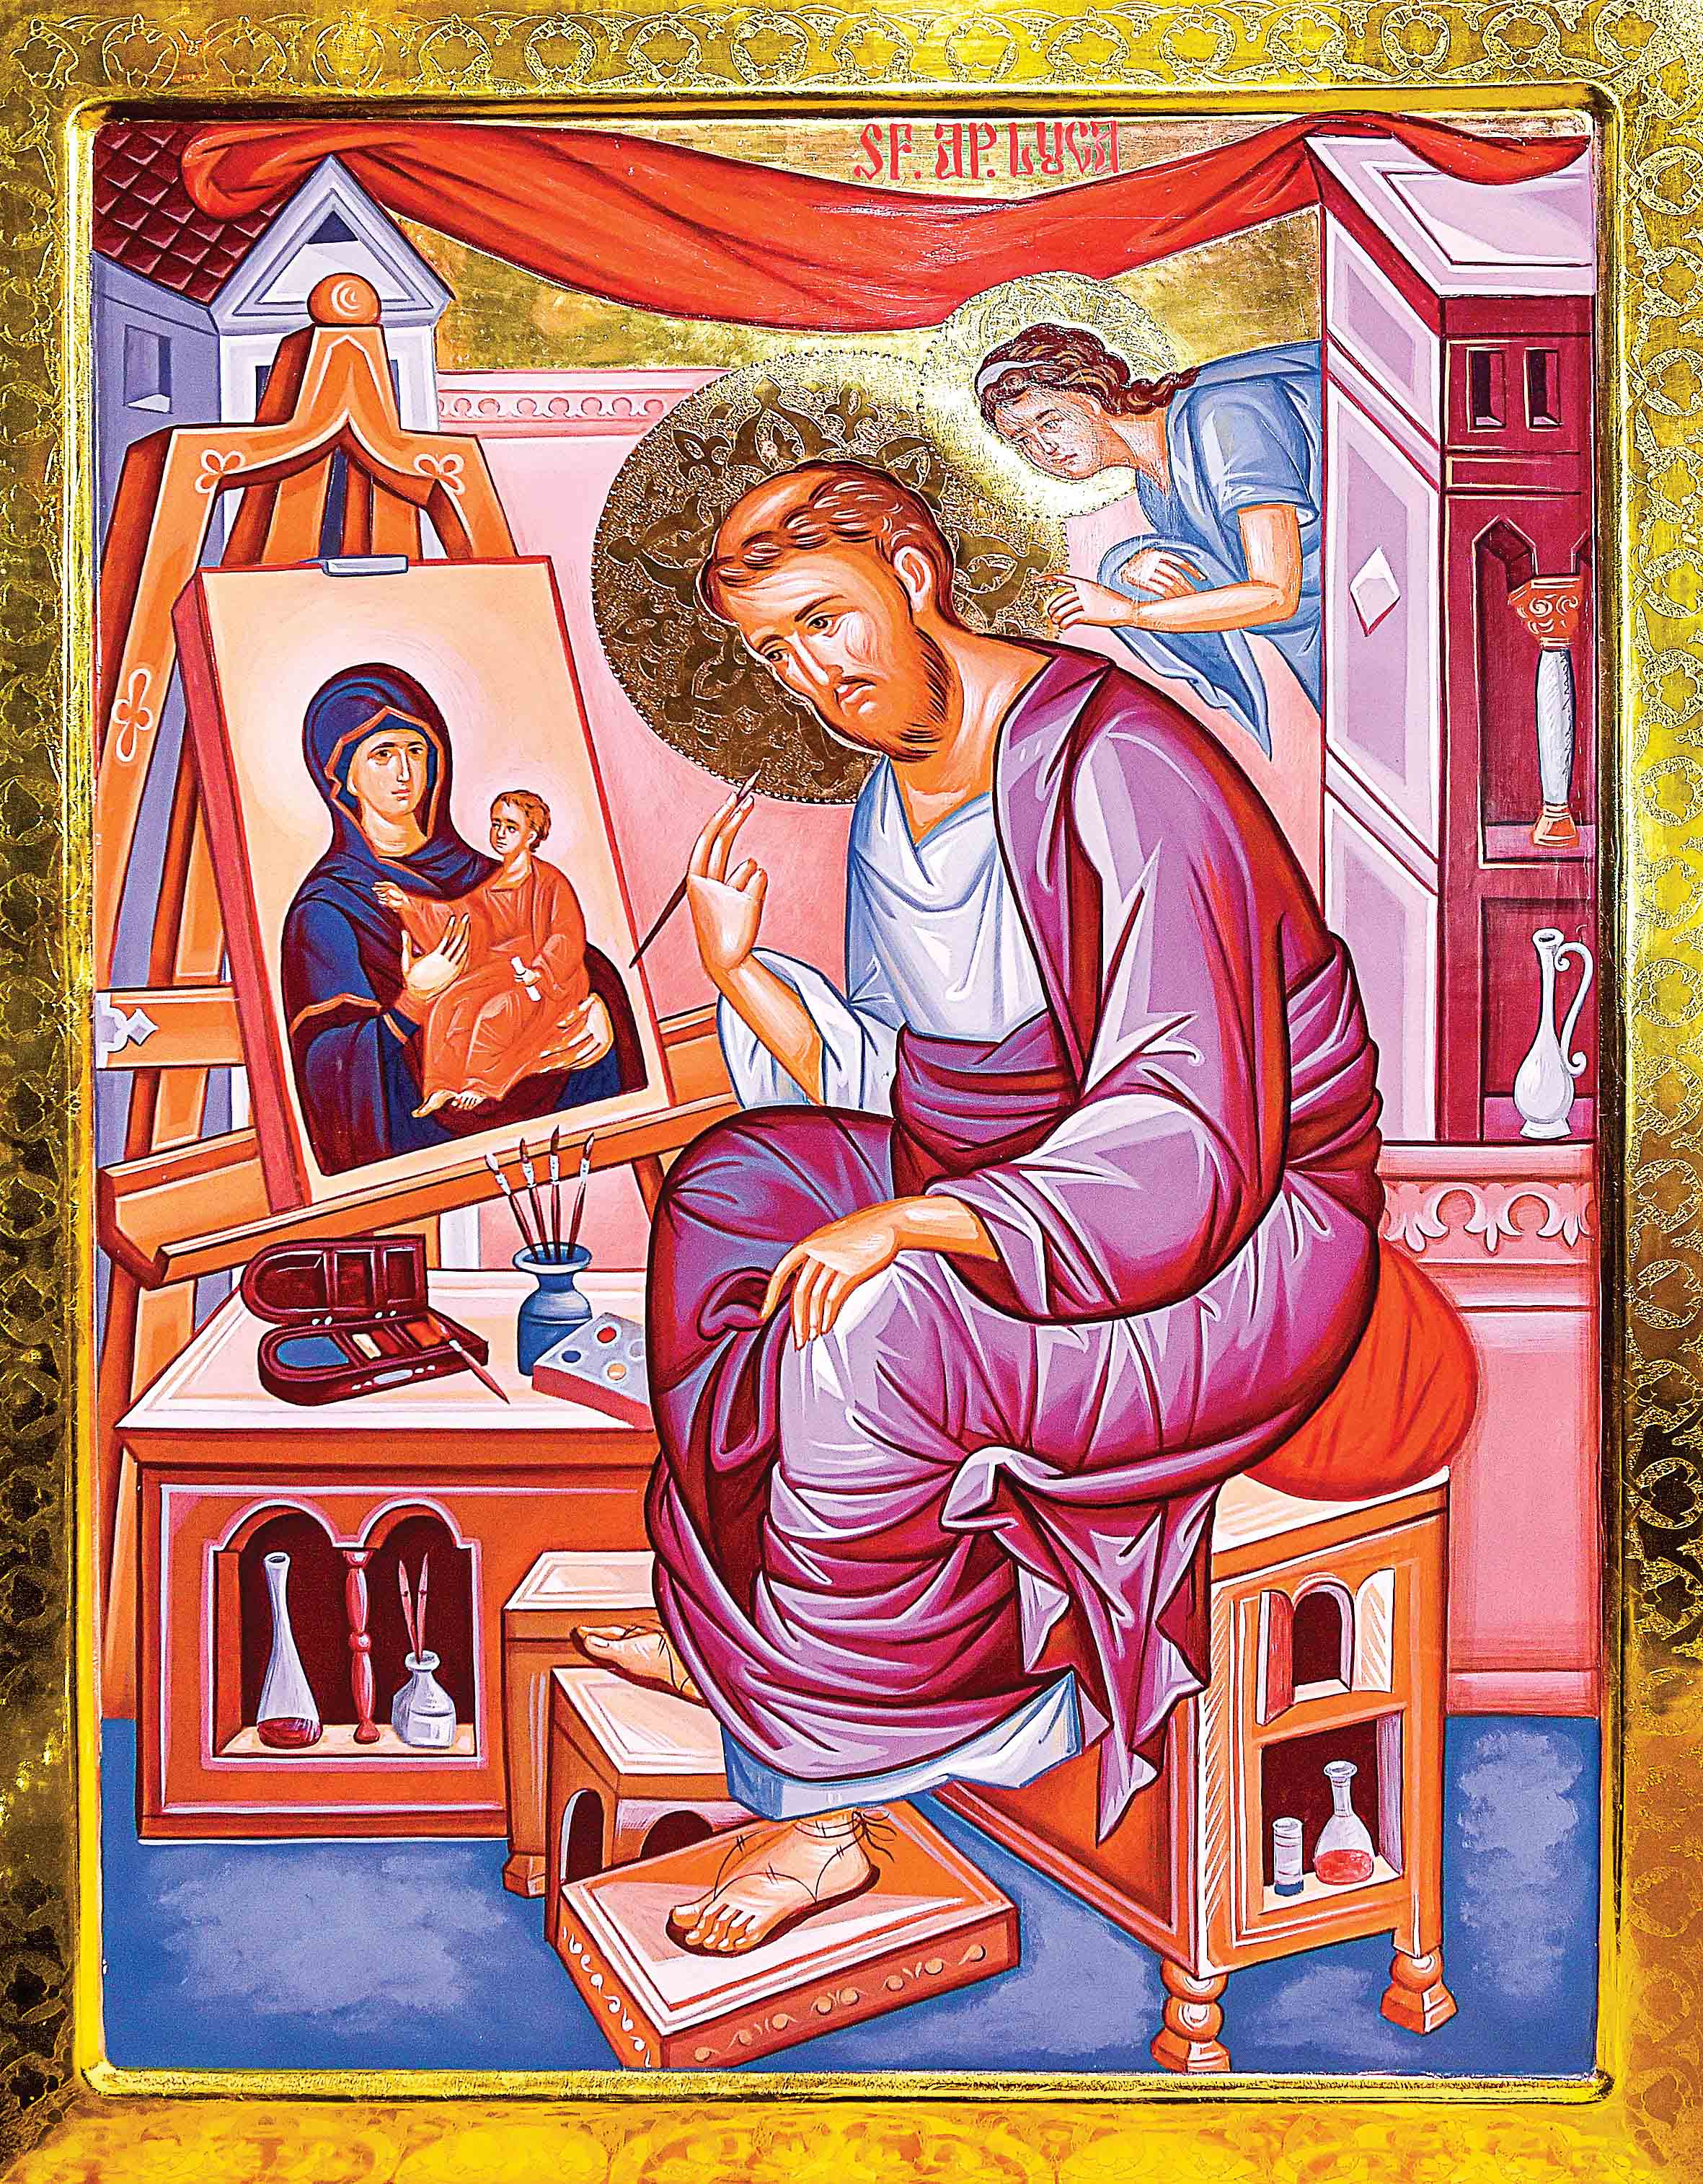 2017 – Anul omagial al sfintelor icoane, al iconarilor și al pictorilor bisericești și Anul comemorativ Justinian Patriarhul și al apărătorilor Ortodoxiei în timpul comunismului